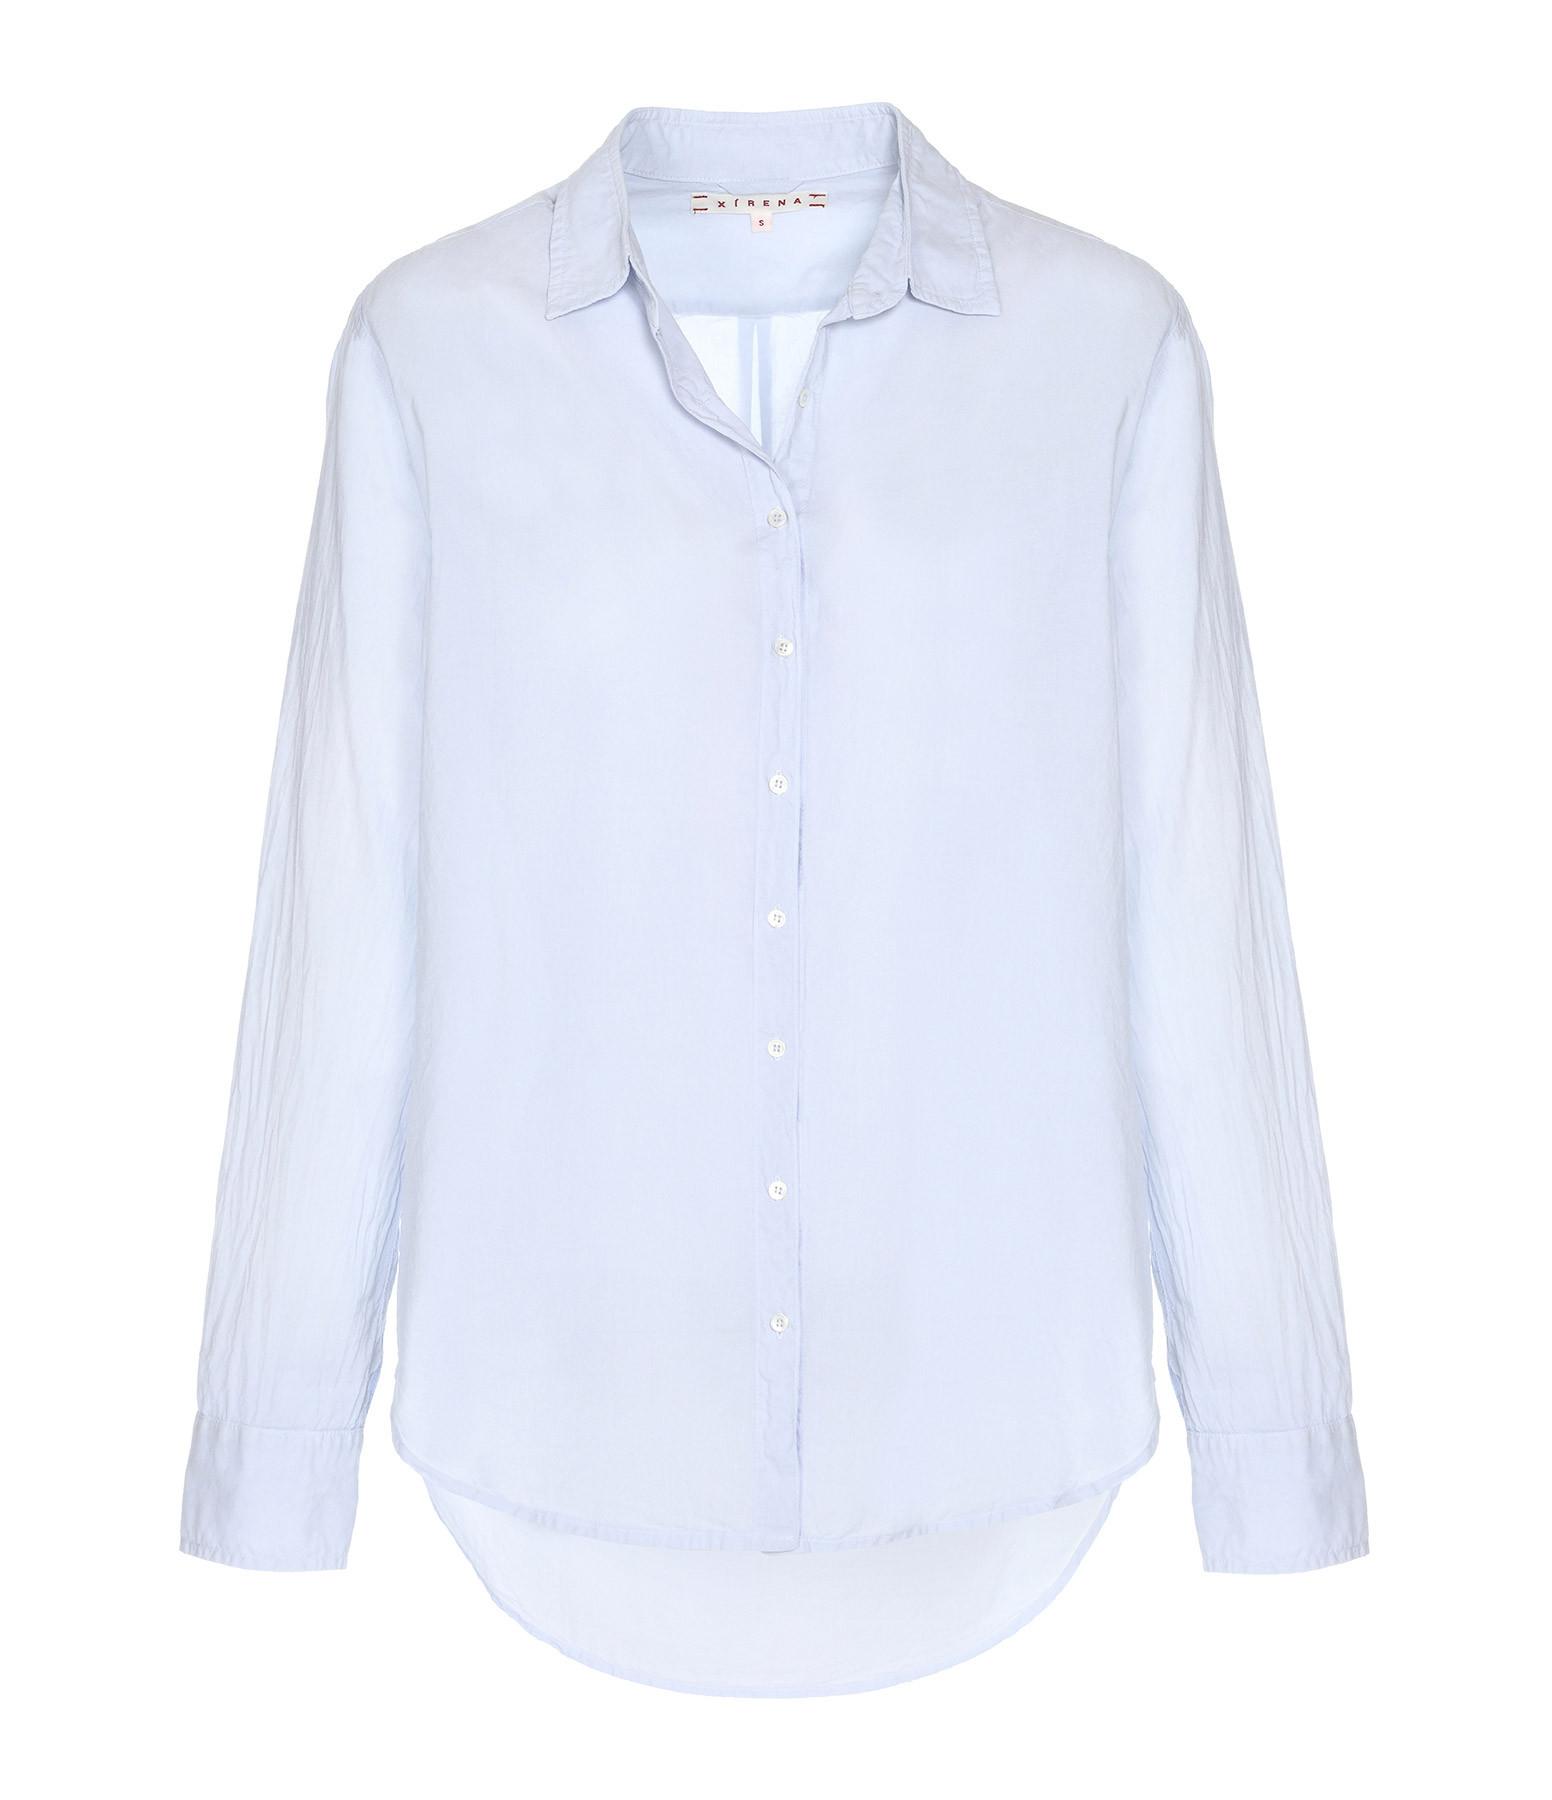 XIRENA - Chemise Beau Coton Bleu Ciel